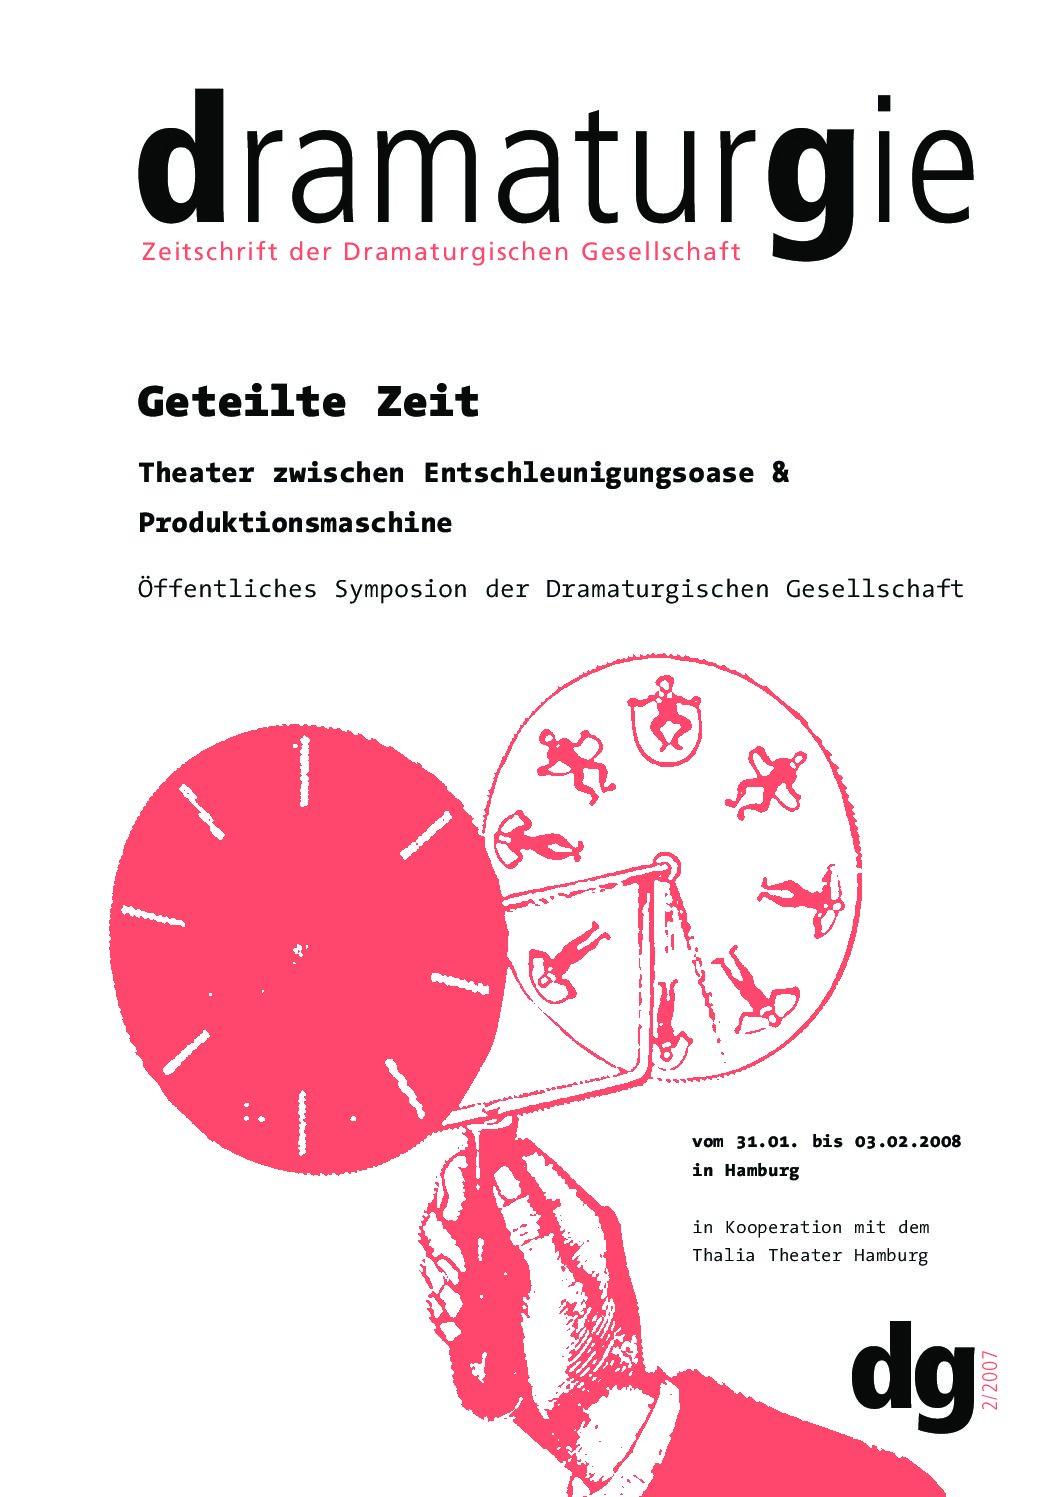 Thumbnail zum PDF: Dramaturgie 2007/2<br /> Geteilte Zeit. Theater zwischen Entschleunigungsoase & Produktionsmaschine